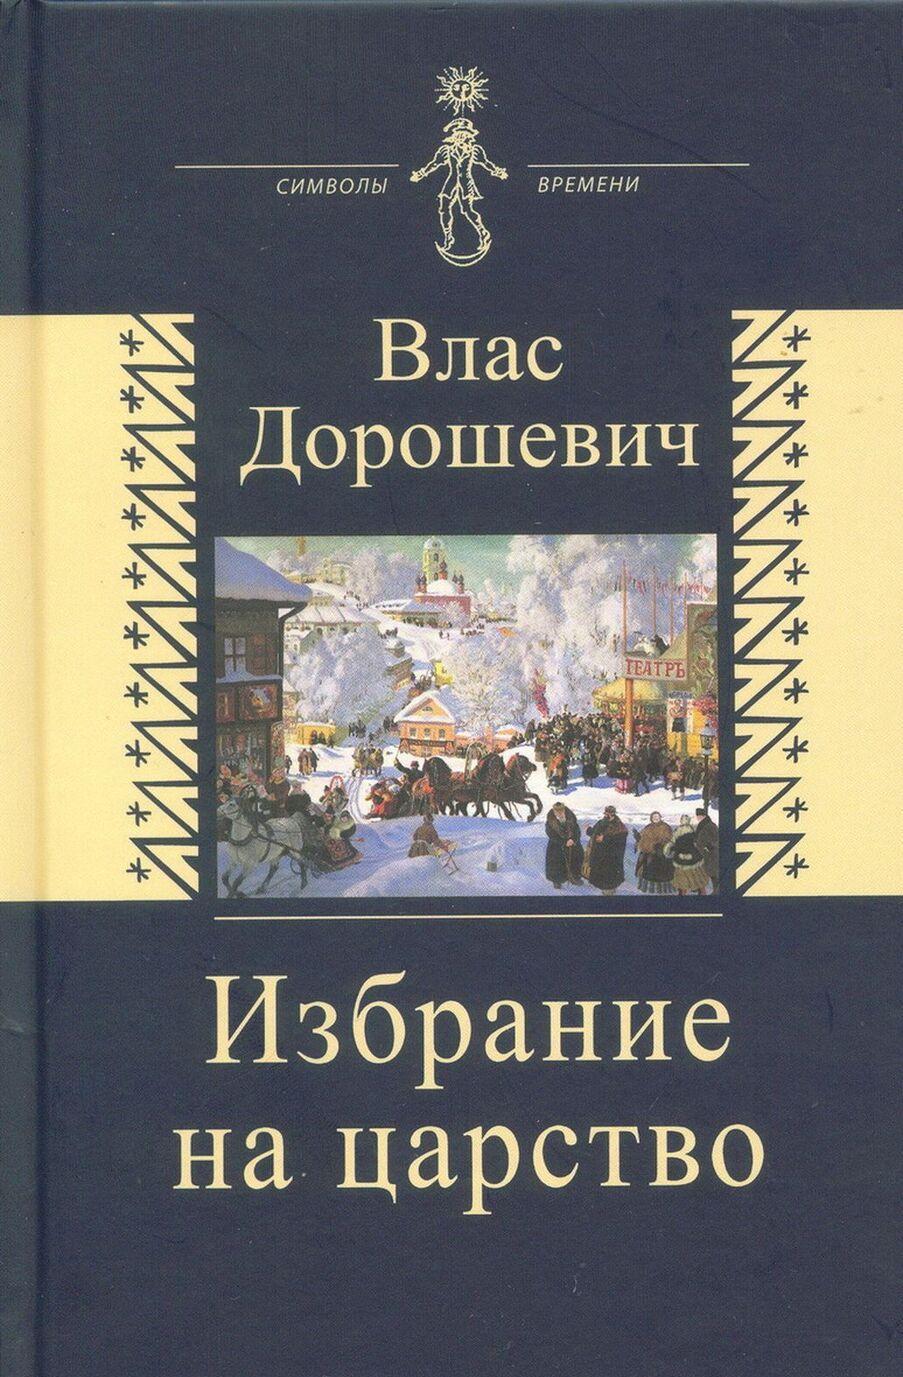 Izbranie na tsarstvo